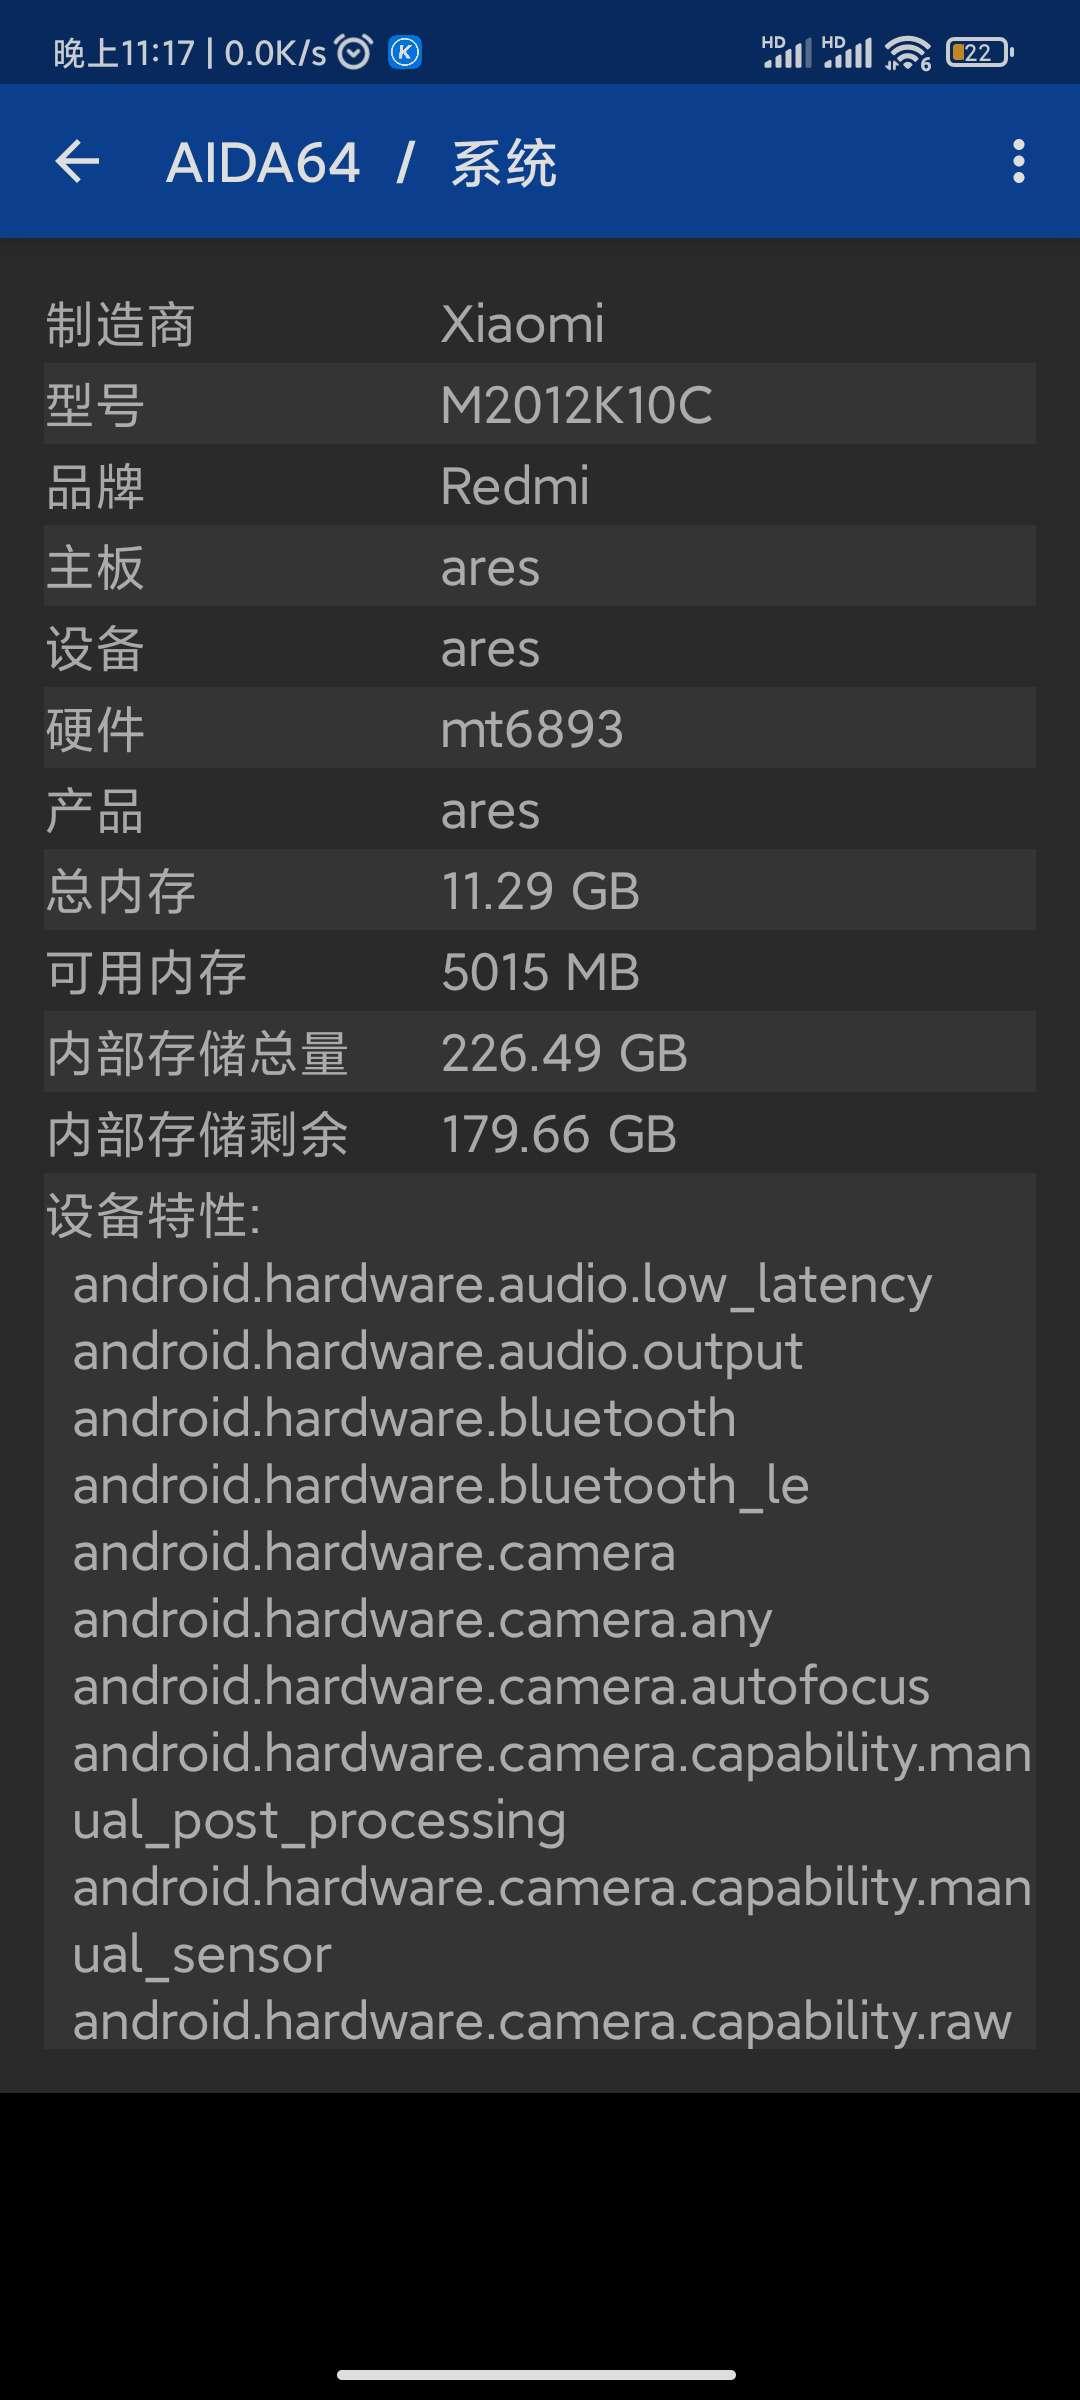 手机硬件检测工具  高级版